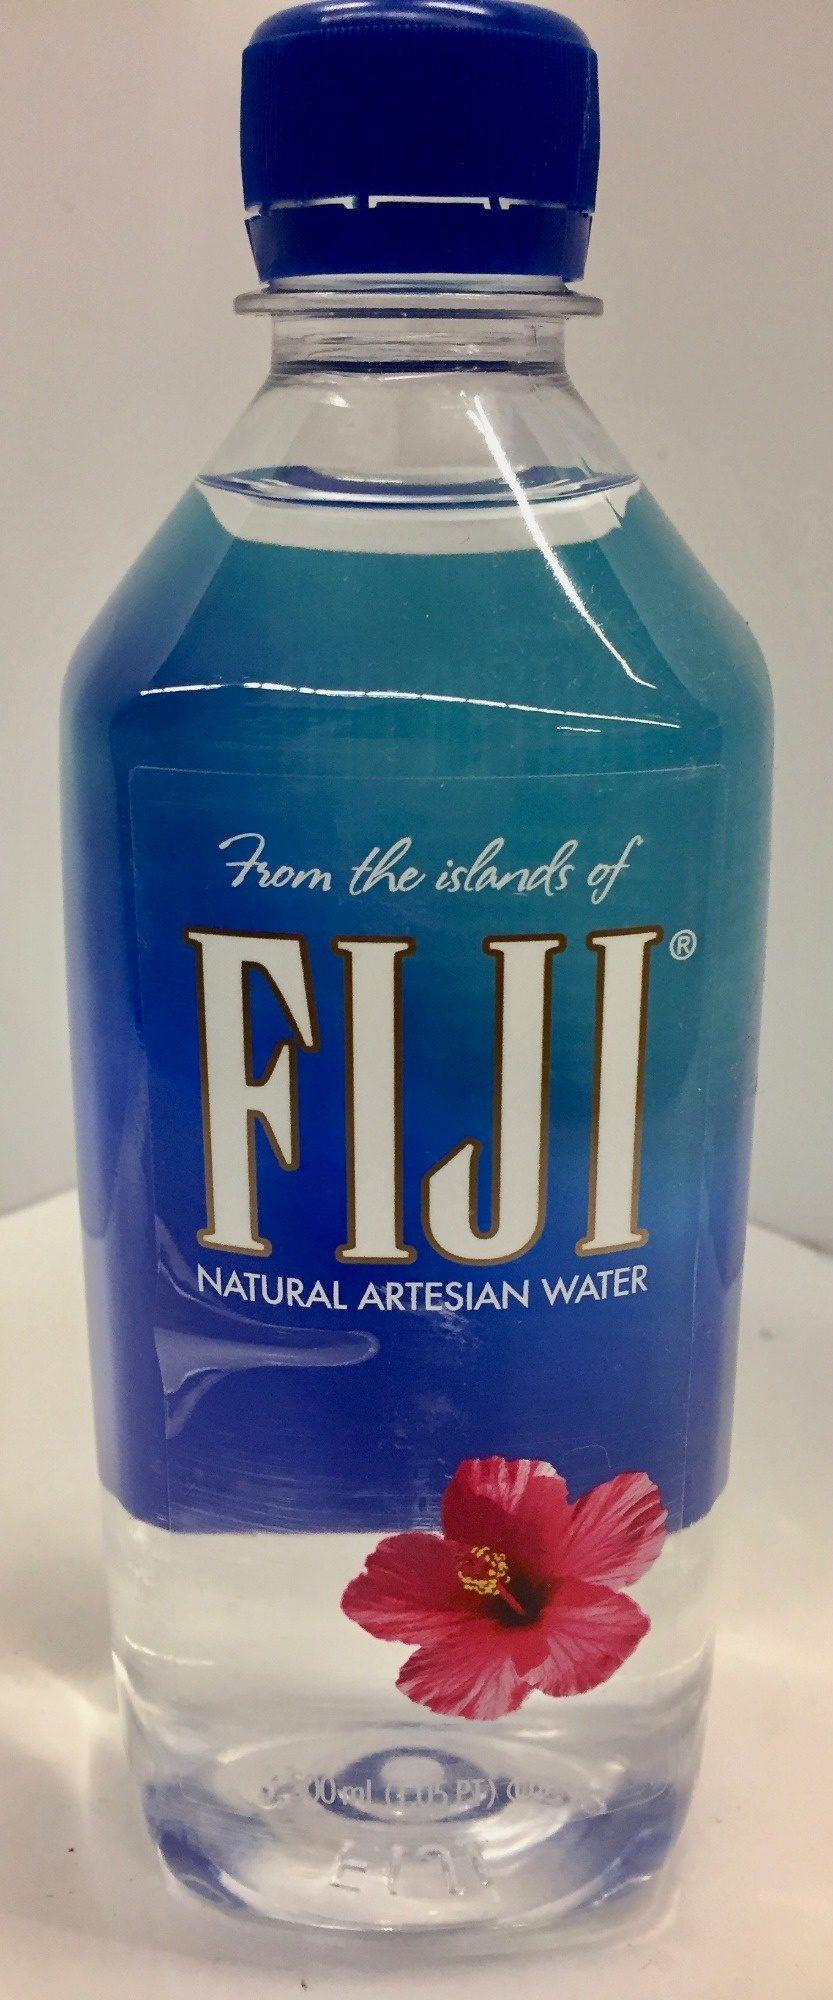 Fiji Natural Artesian Water - Producto - es